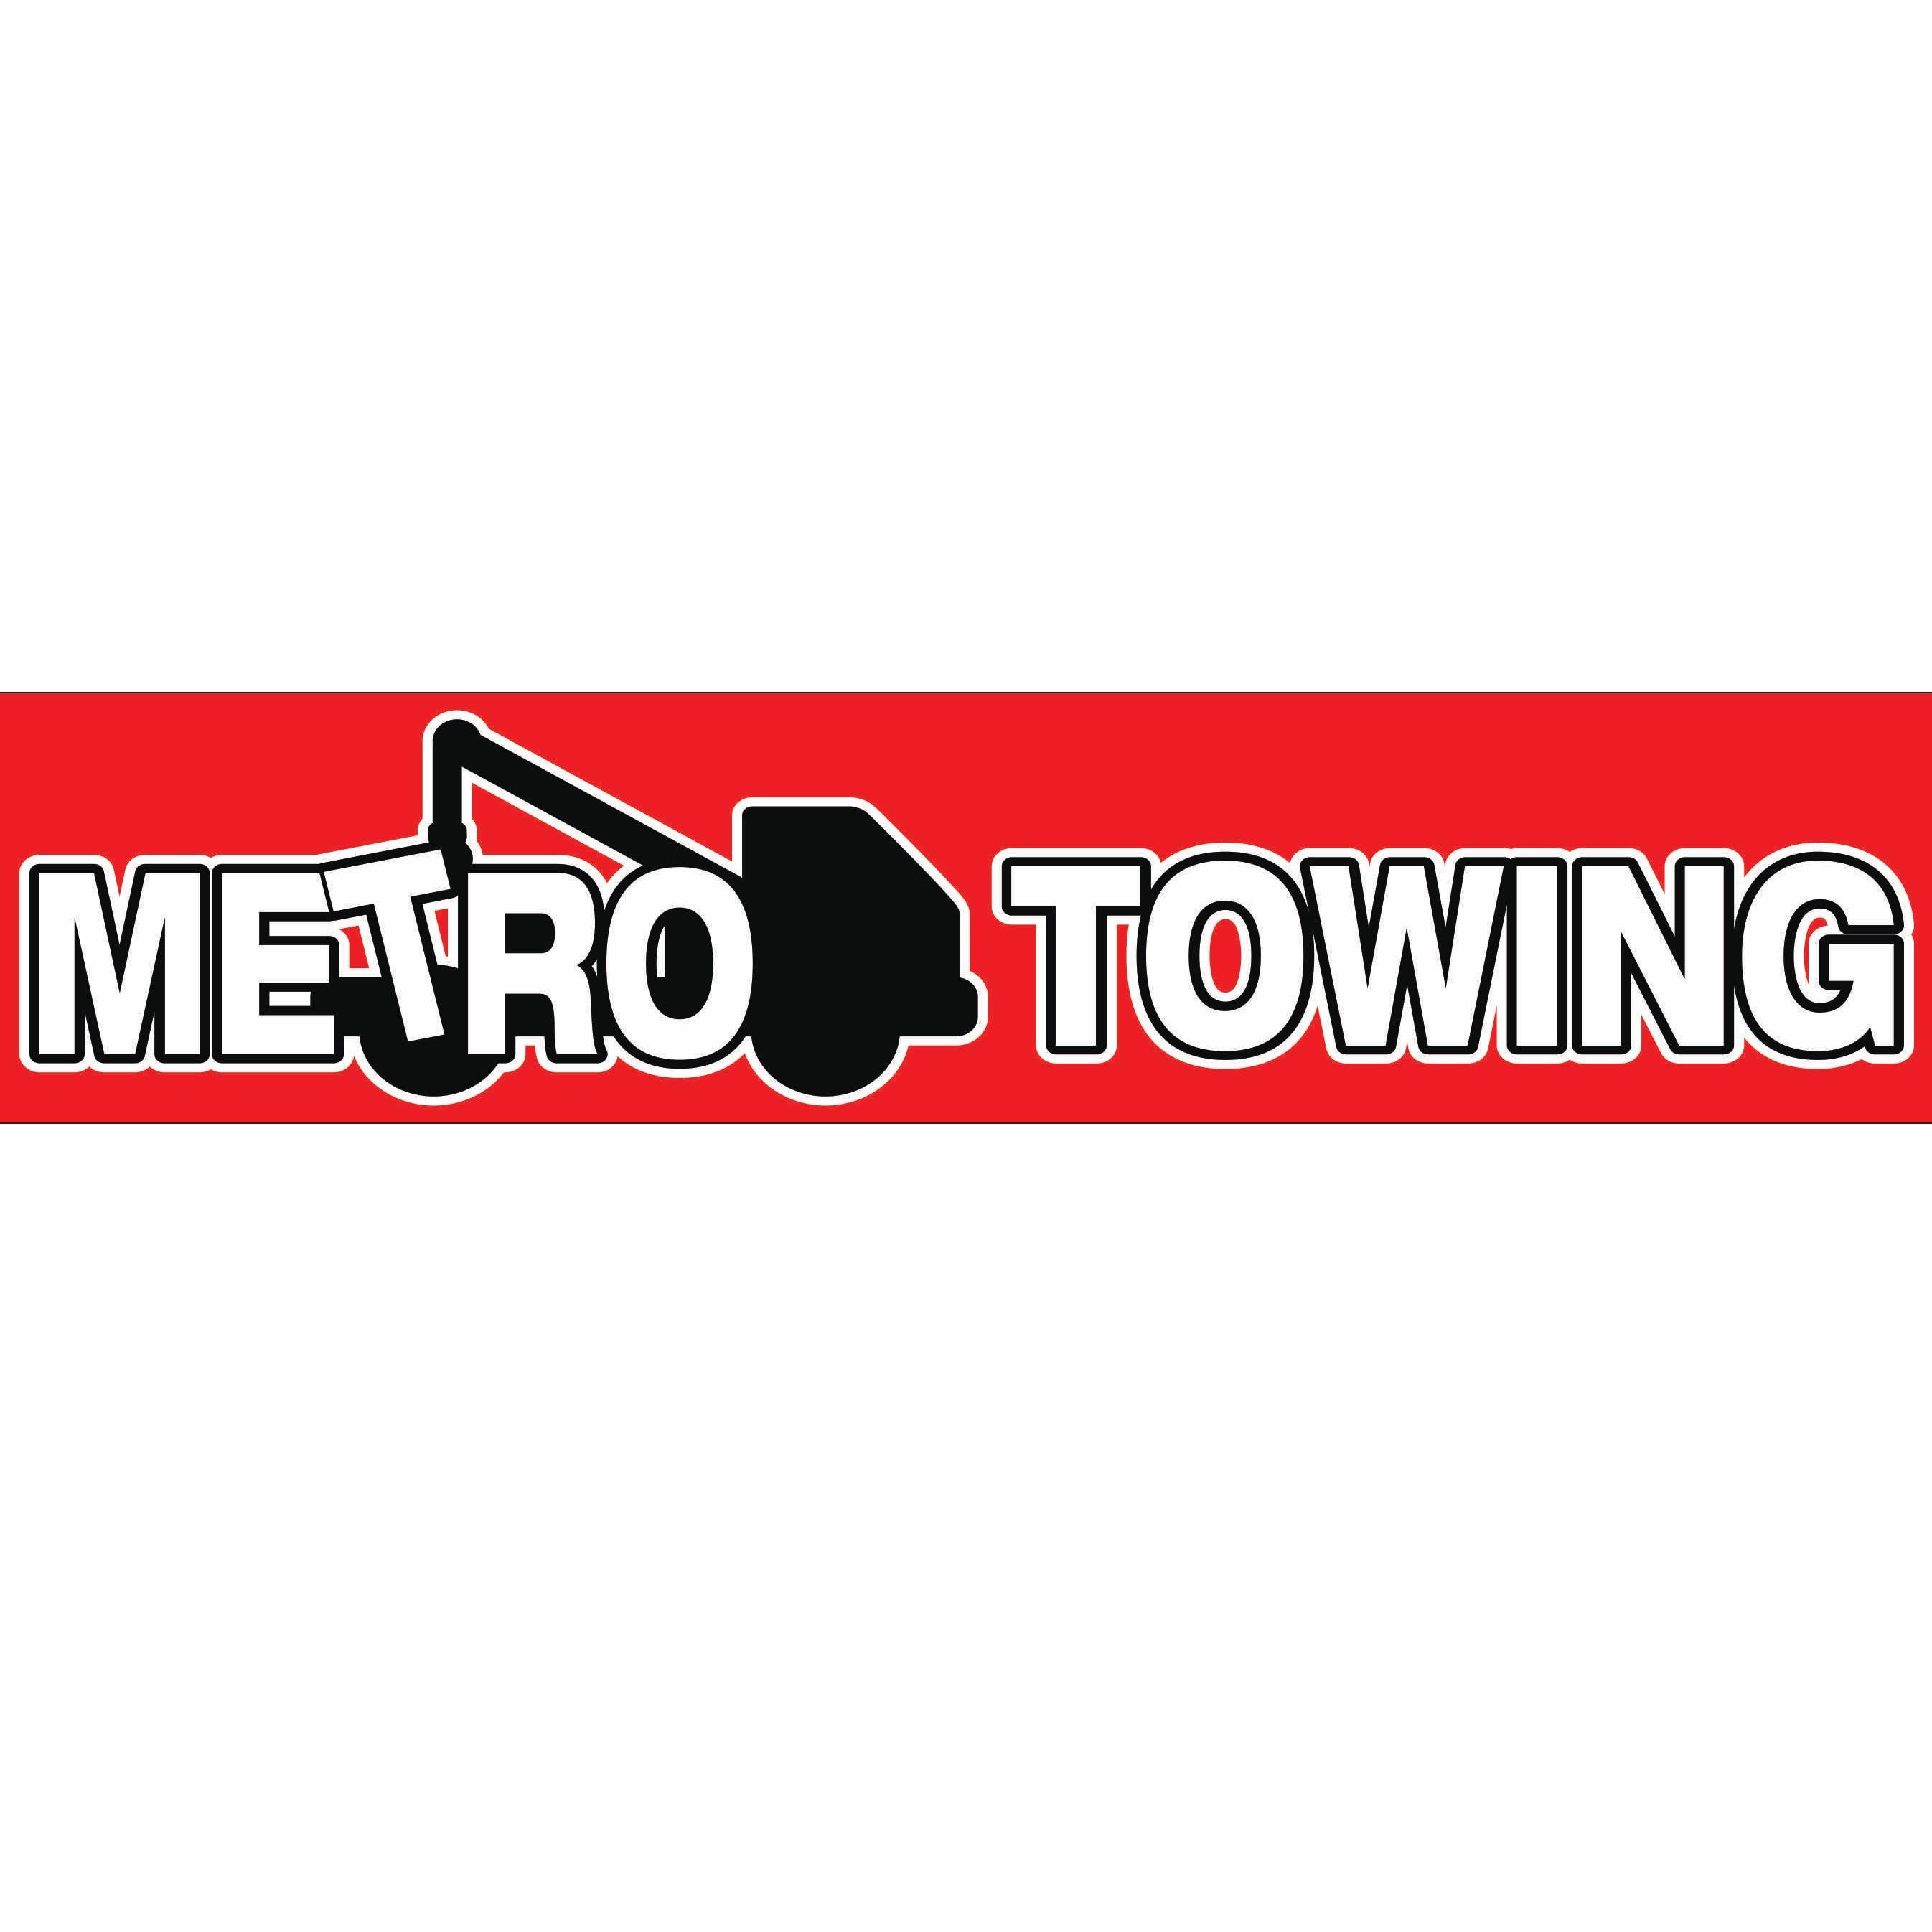 Metro Towing image 5